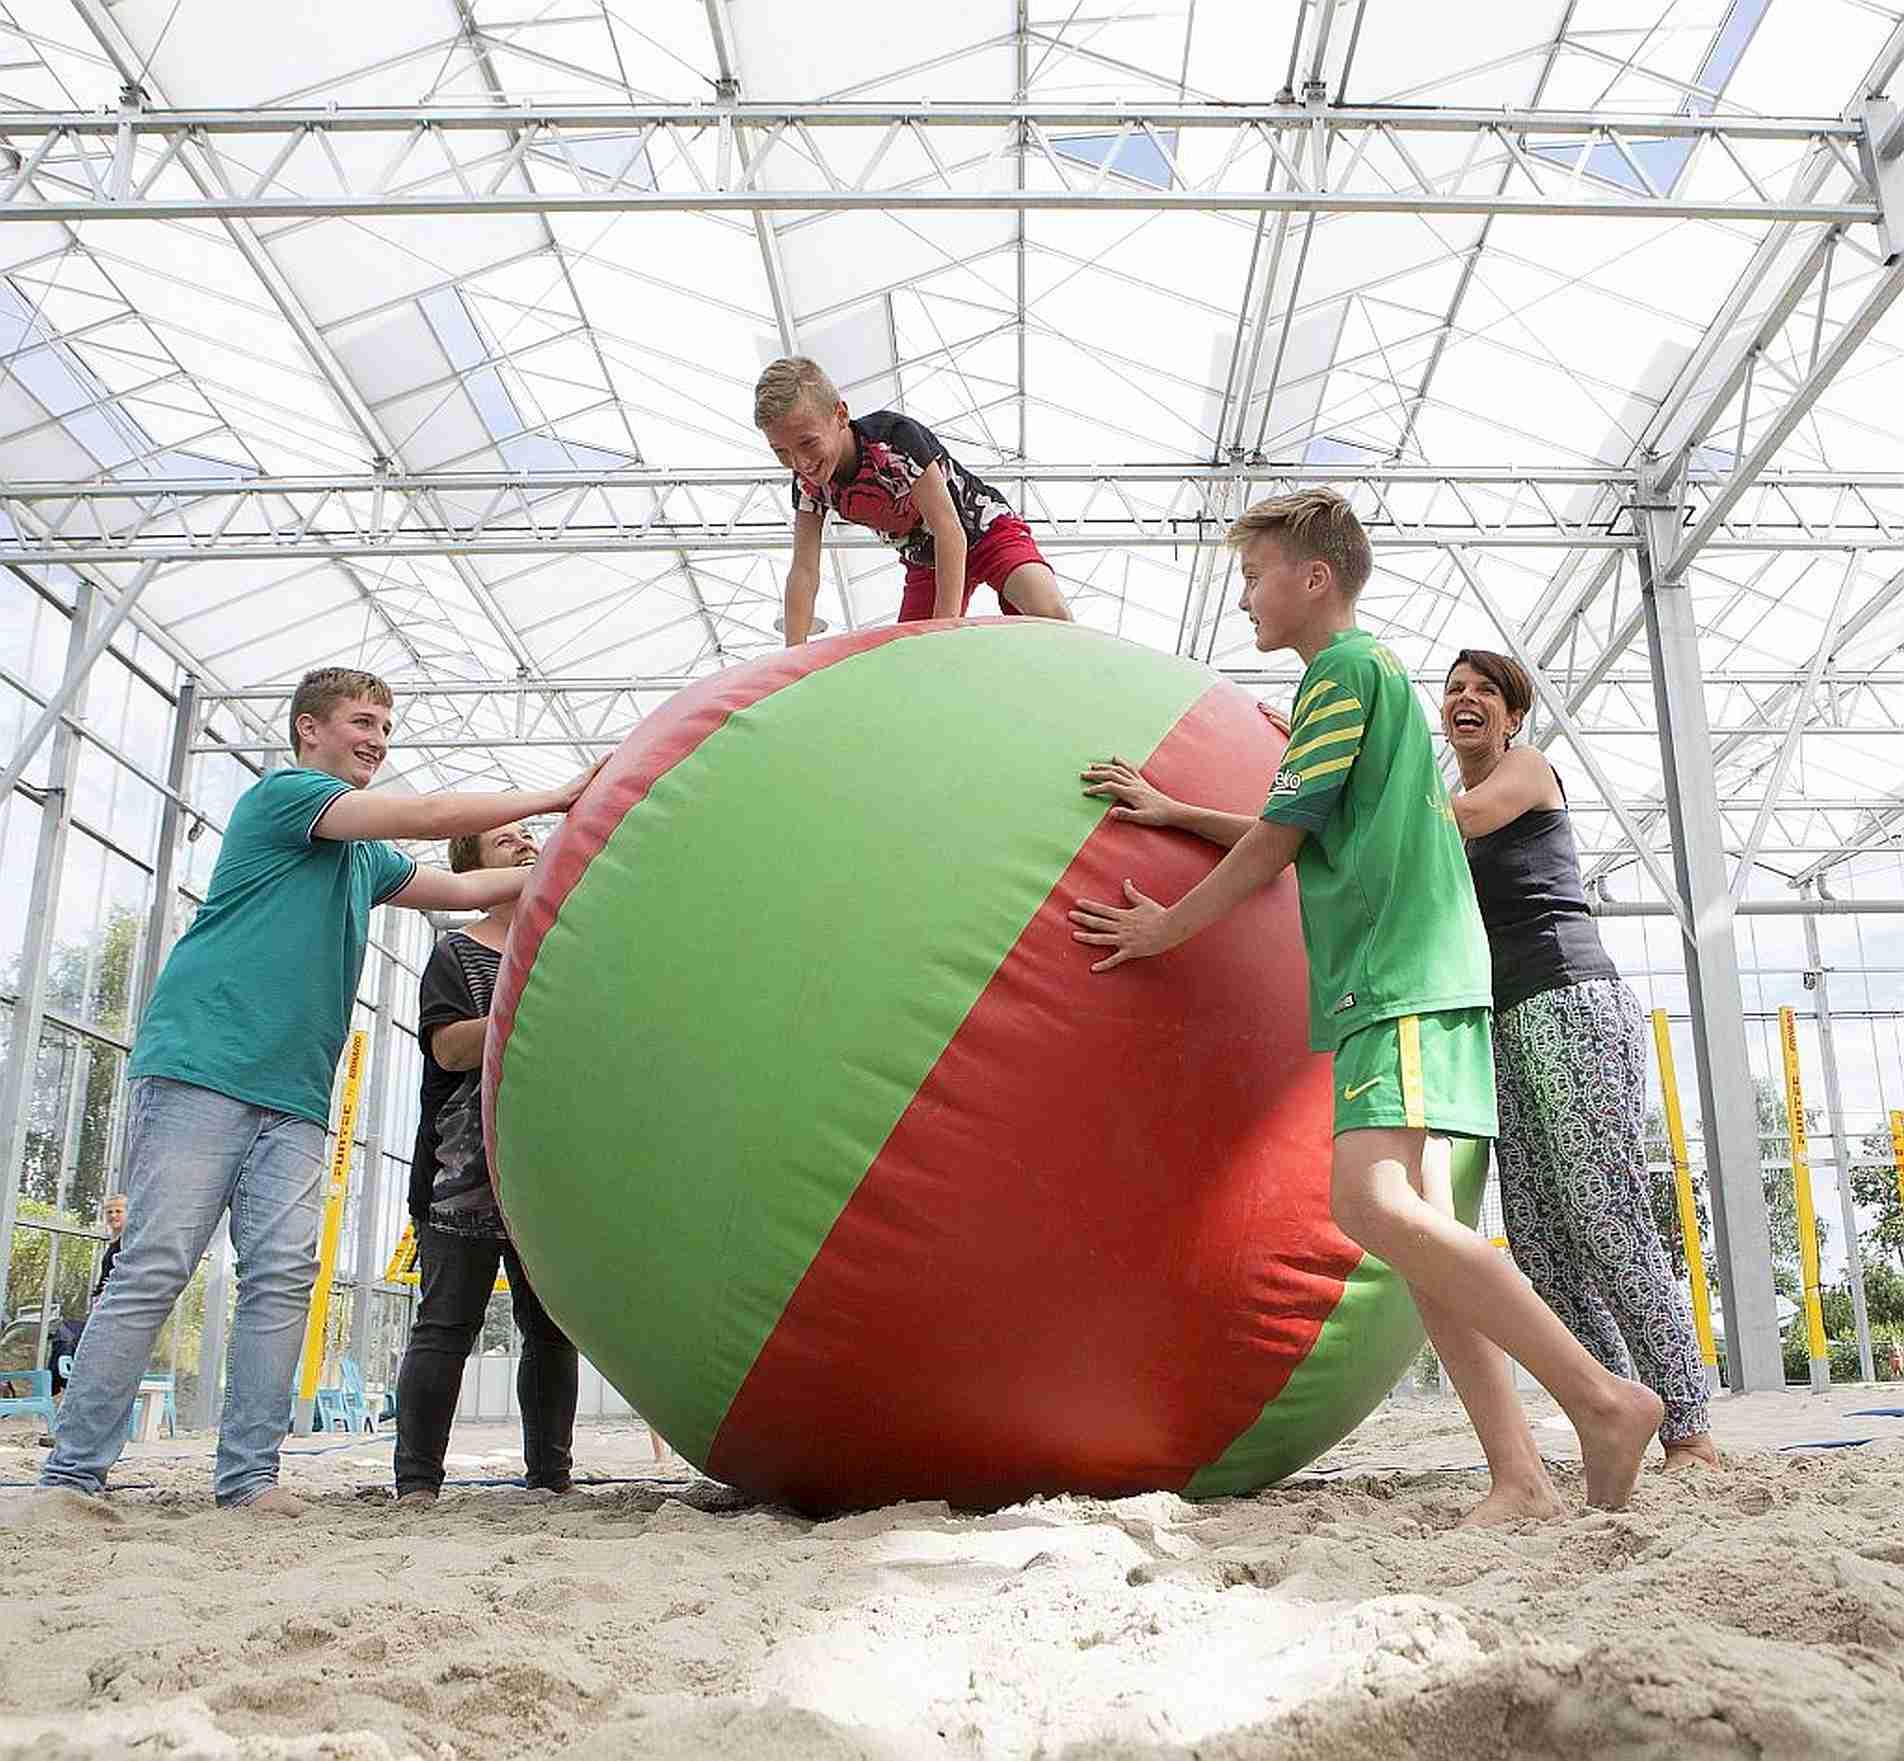 Feesten en partijen in Overijssel met een strandbelevenis - Feesten en partijen in het mooie Overijssel